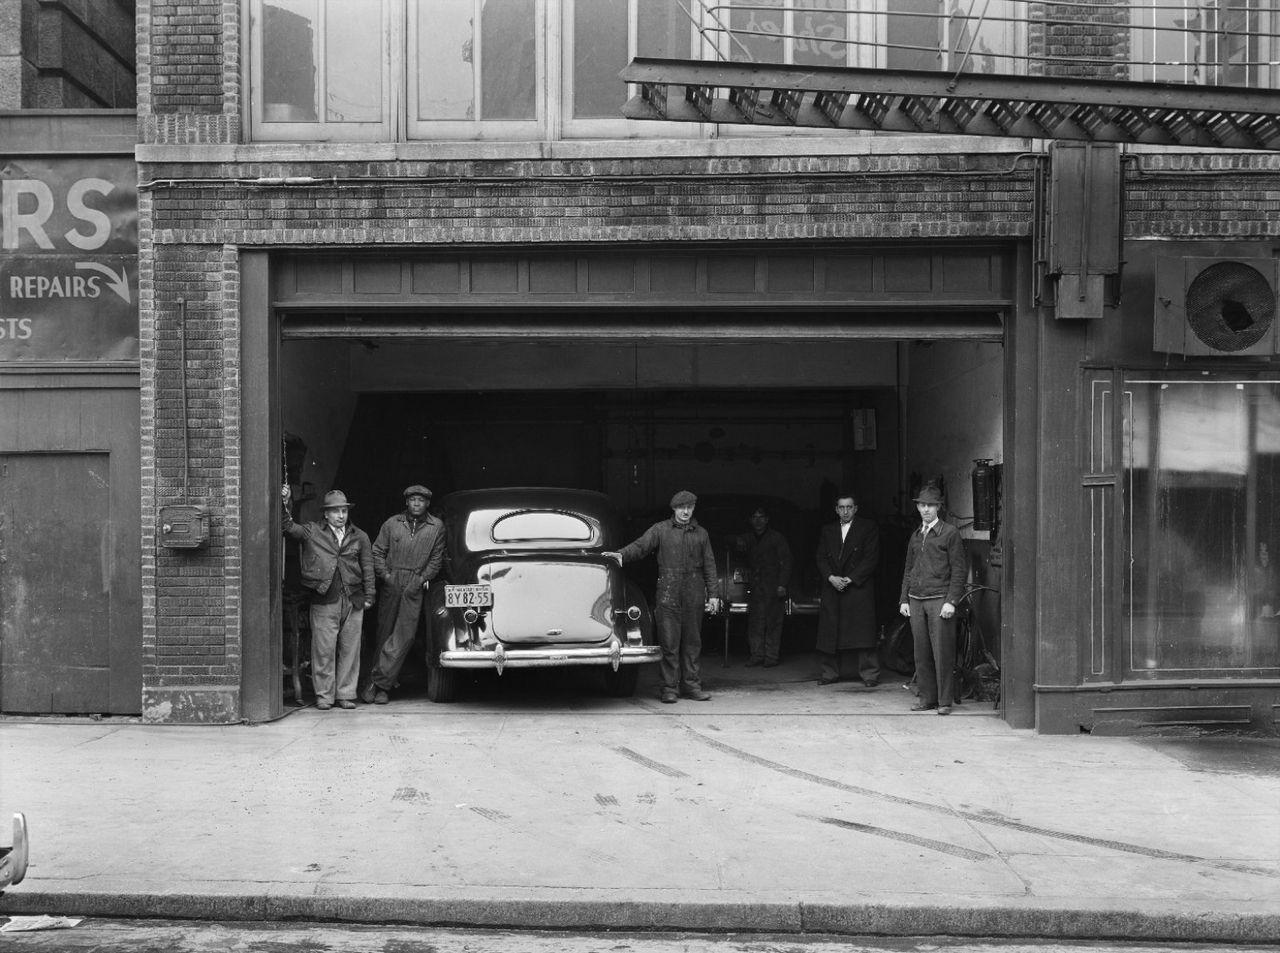 Auto Mechanic Shops Near Me >> Best 25+ Automobile repair shop ideas on Pinterest | Auto ...